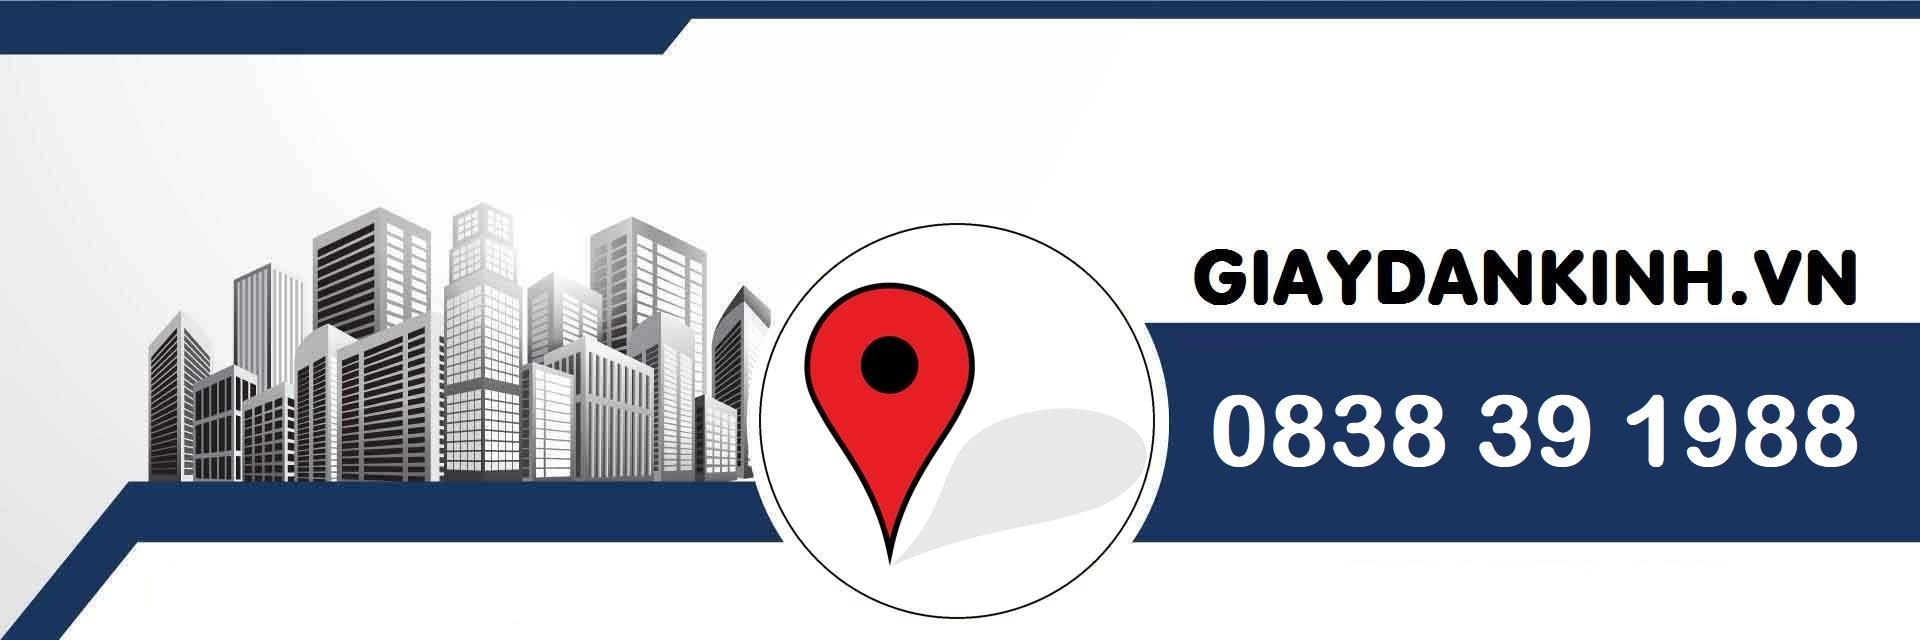 Giaydankinh.vn | Chuyên trang vật liệu dán kính